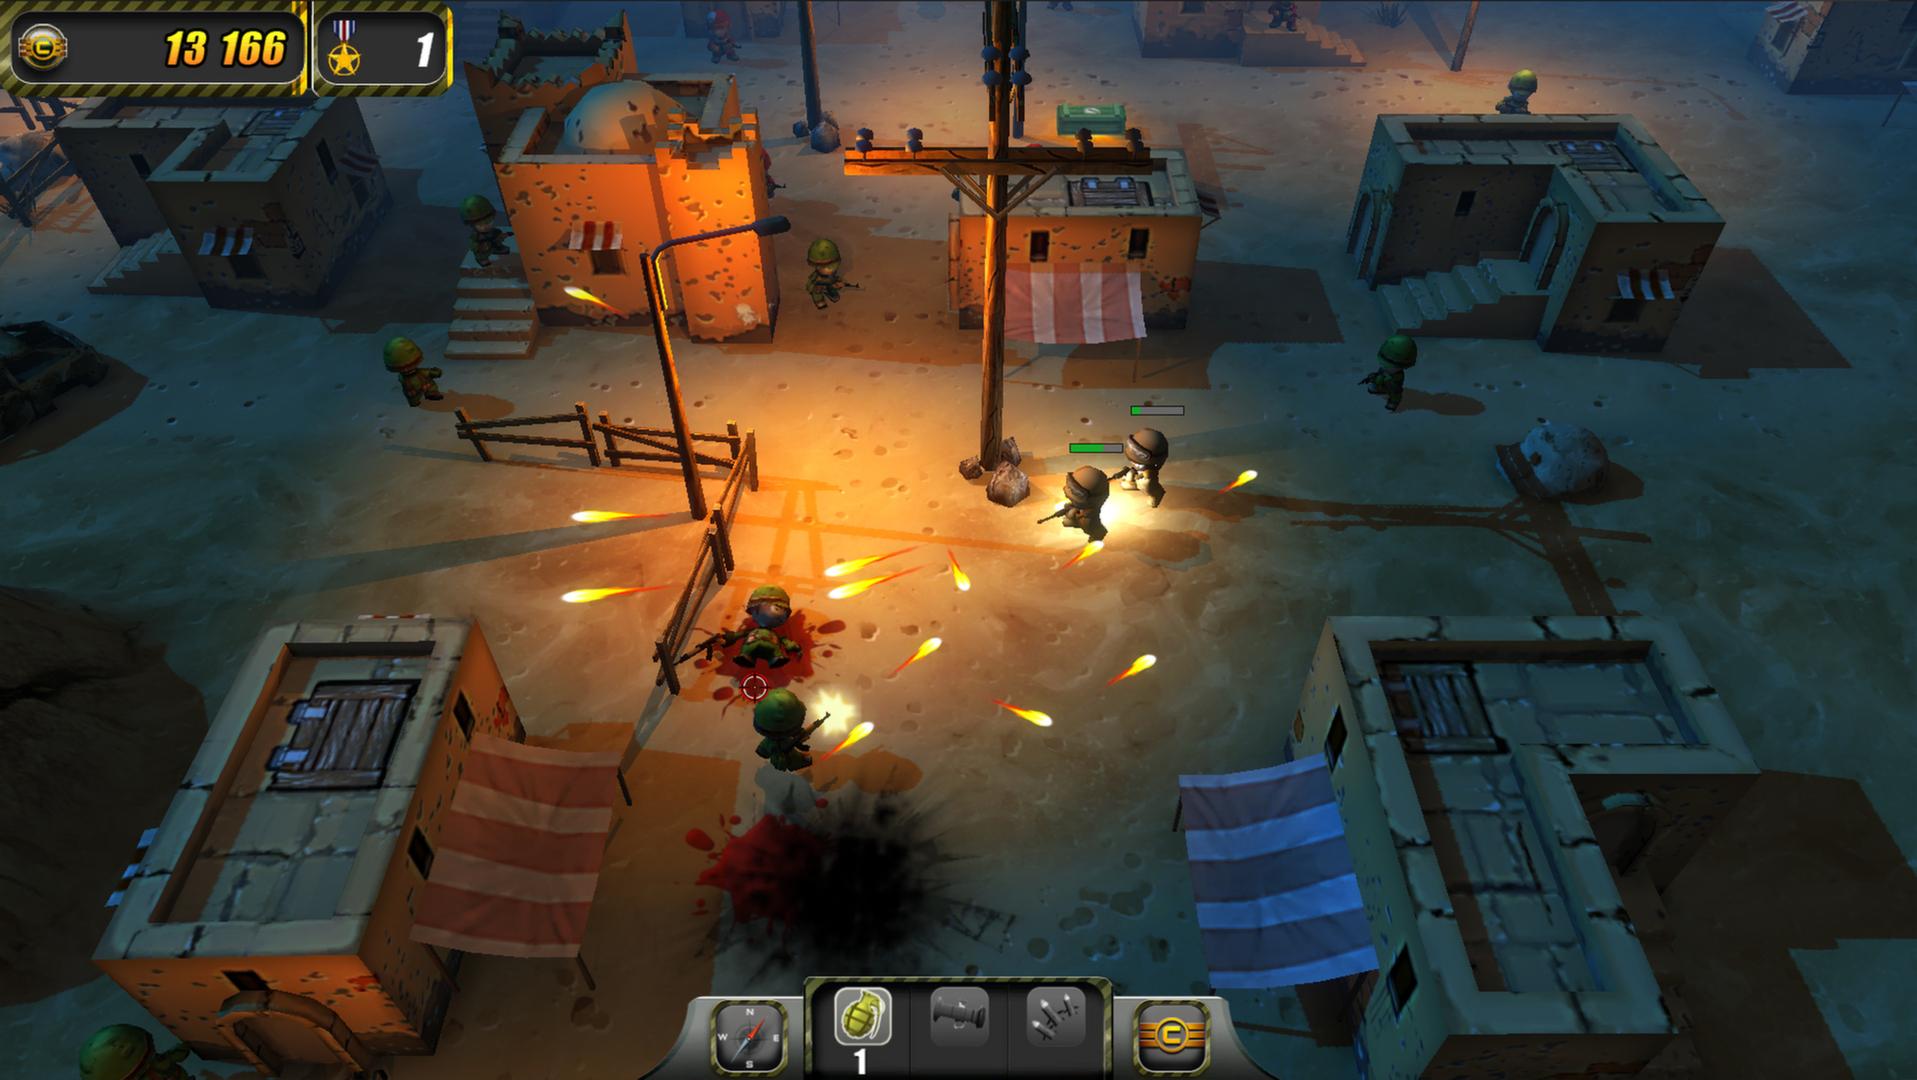 com.steam.216110-screenshot